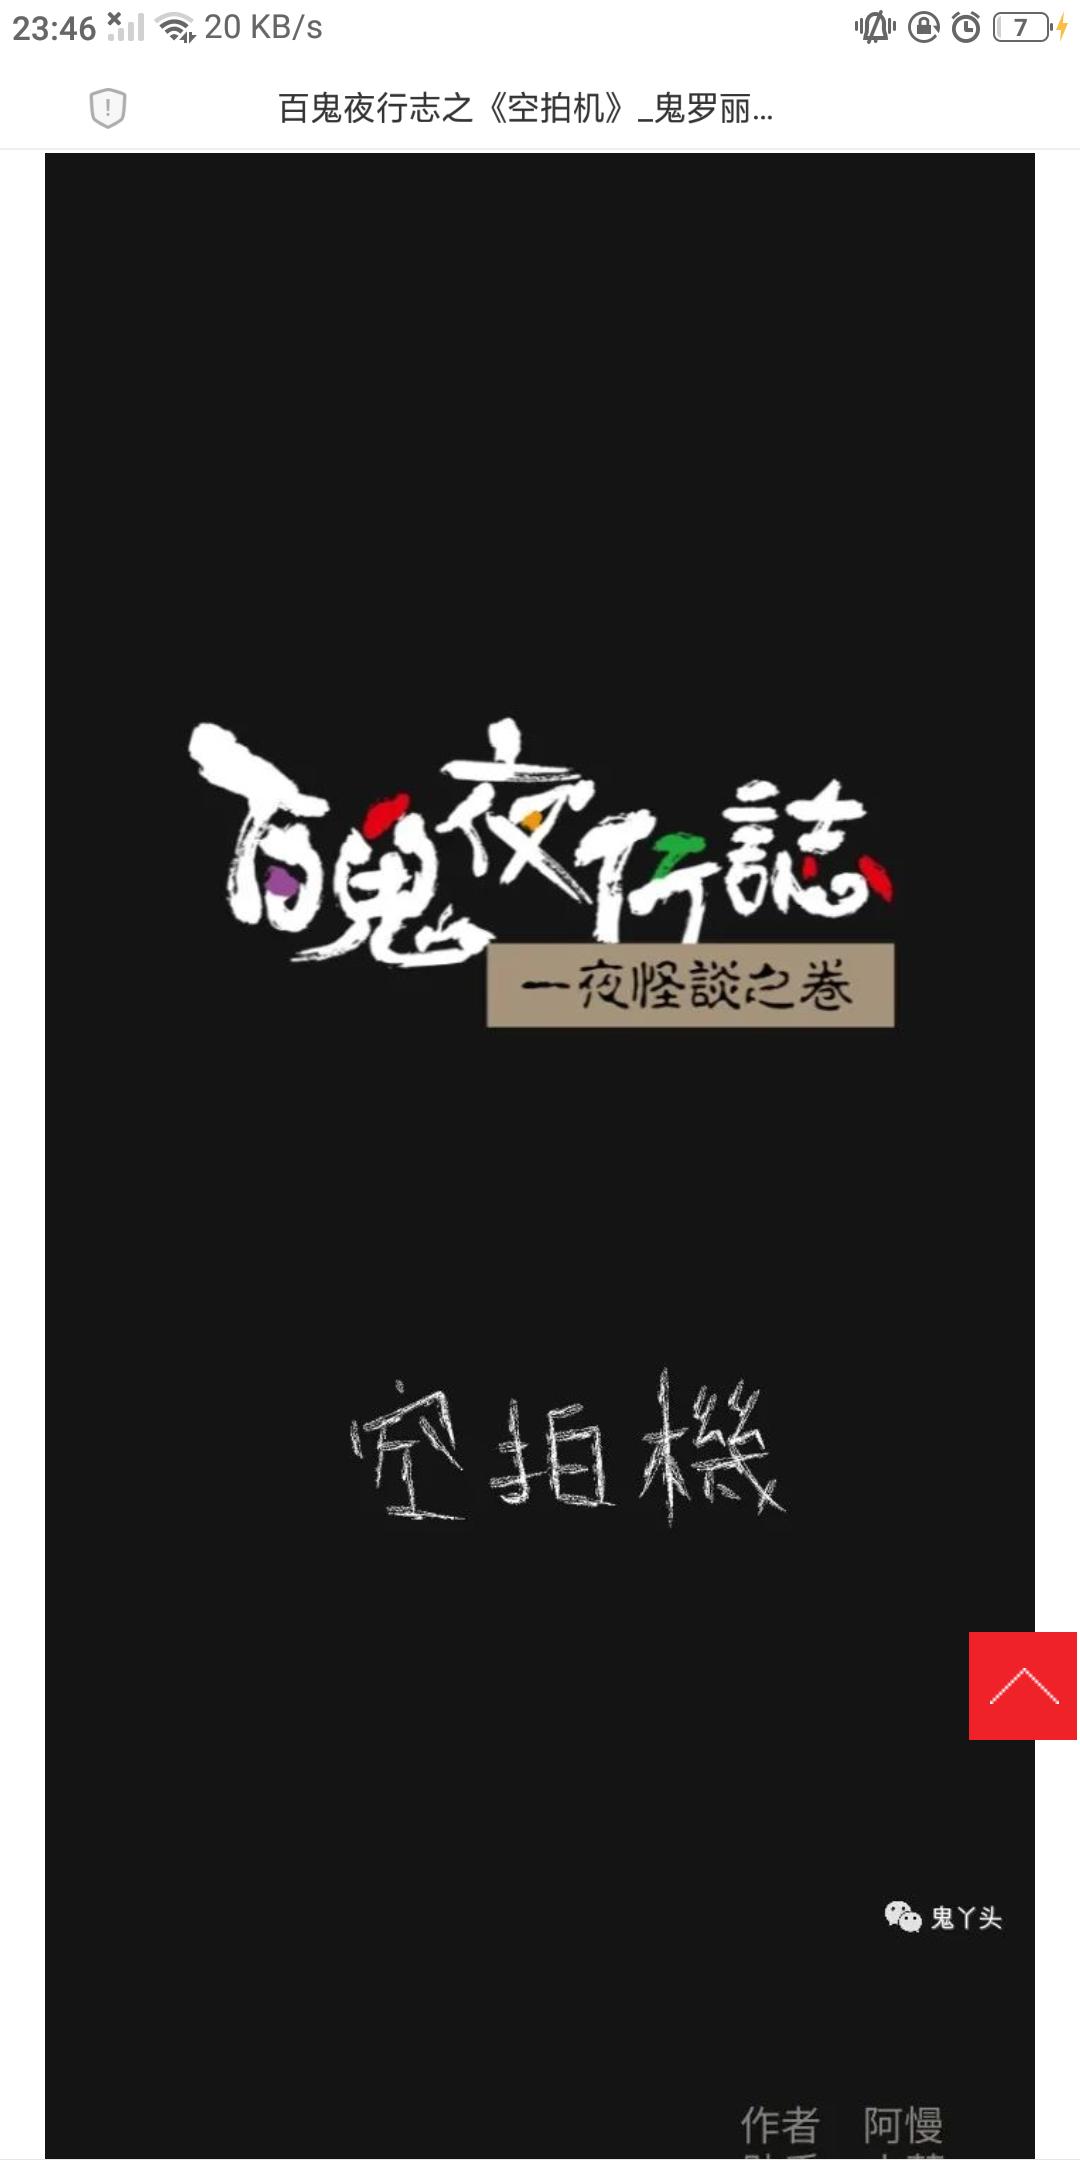 【漫画更新】太平广记之《空拍机》-小柚妹站